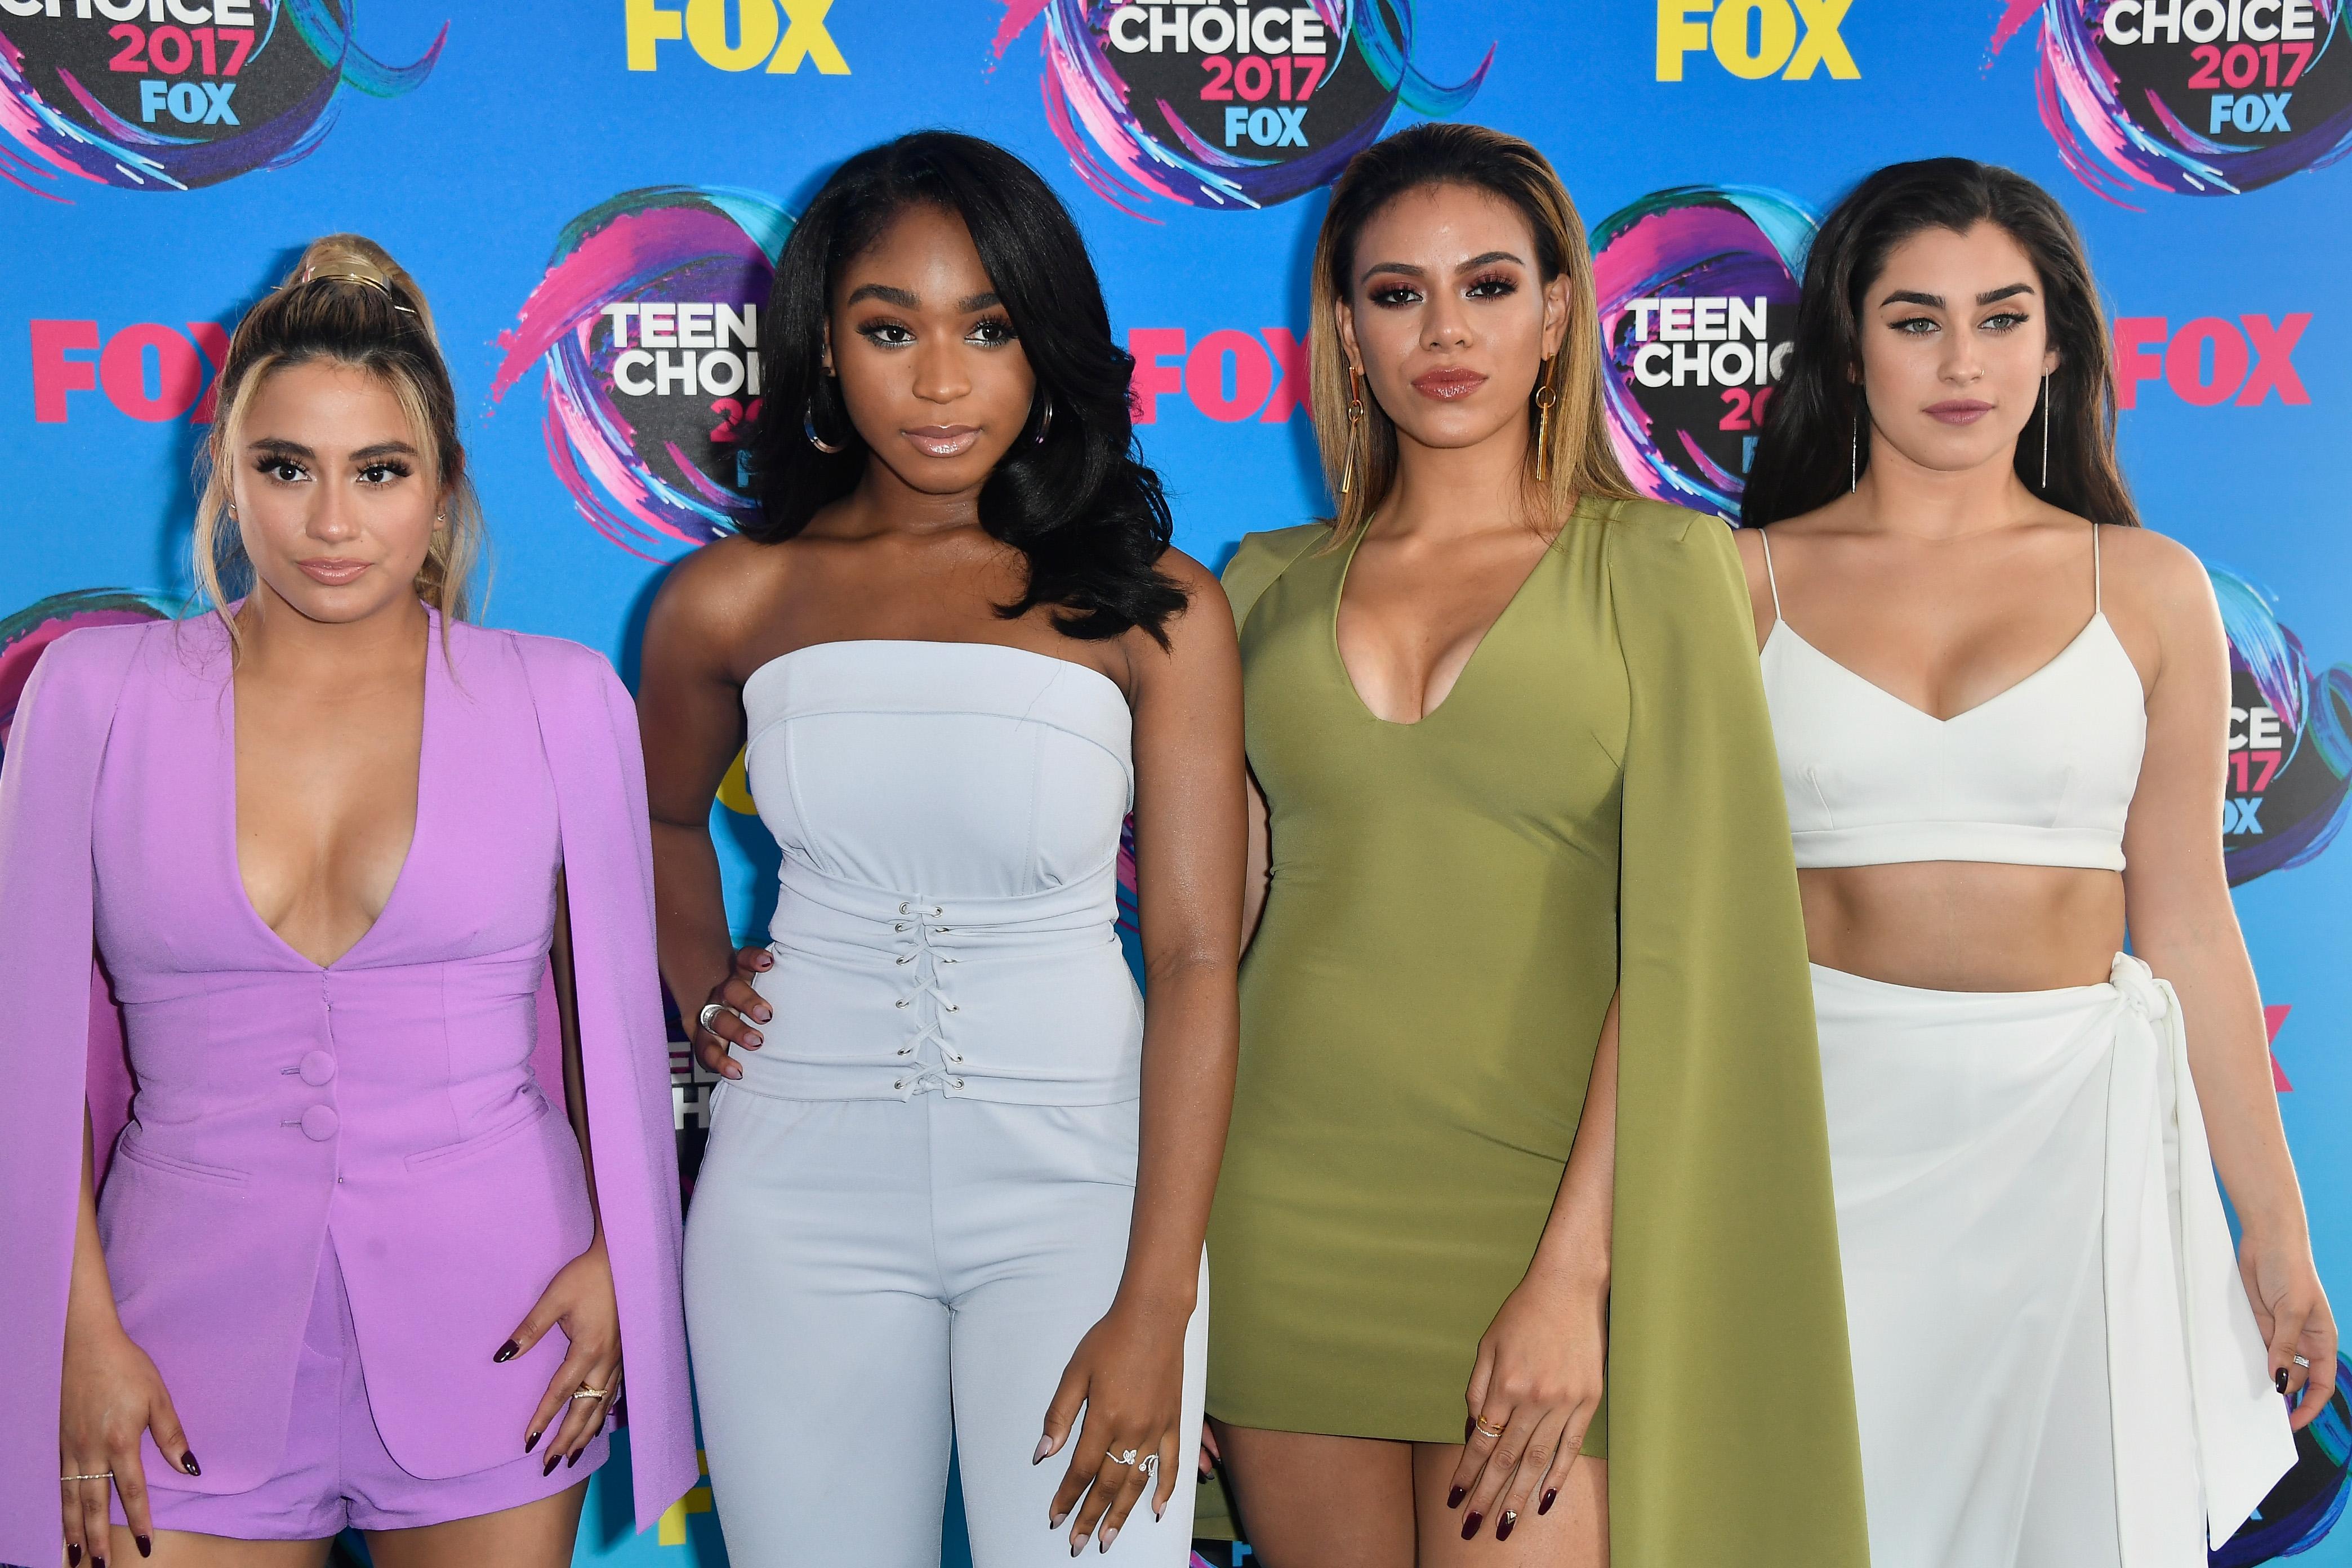 Teen Choice Awards 2017 Winners List Radio Now 921